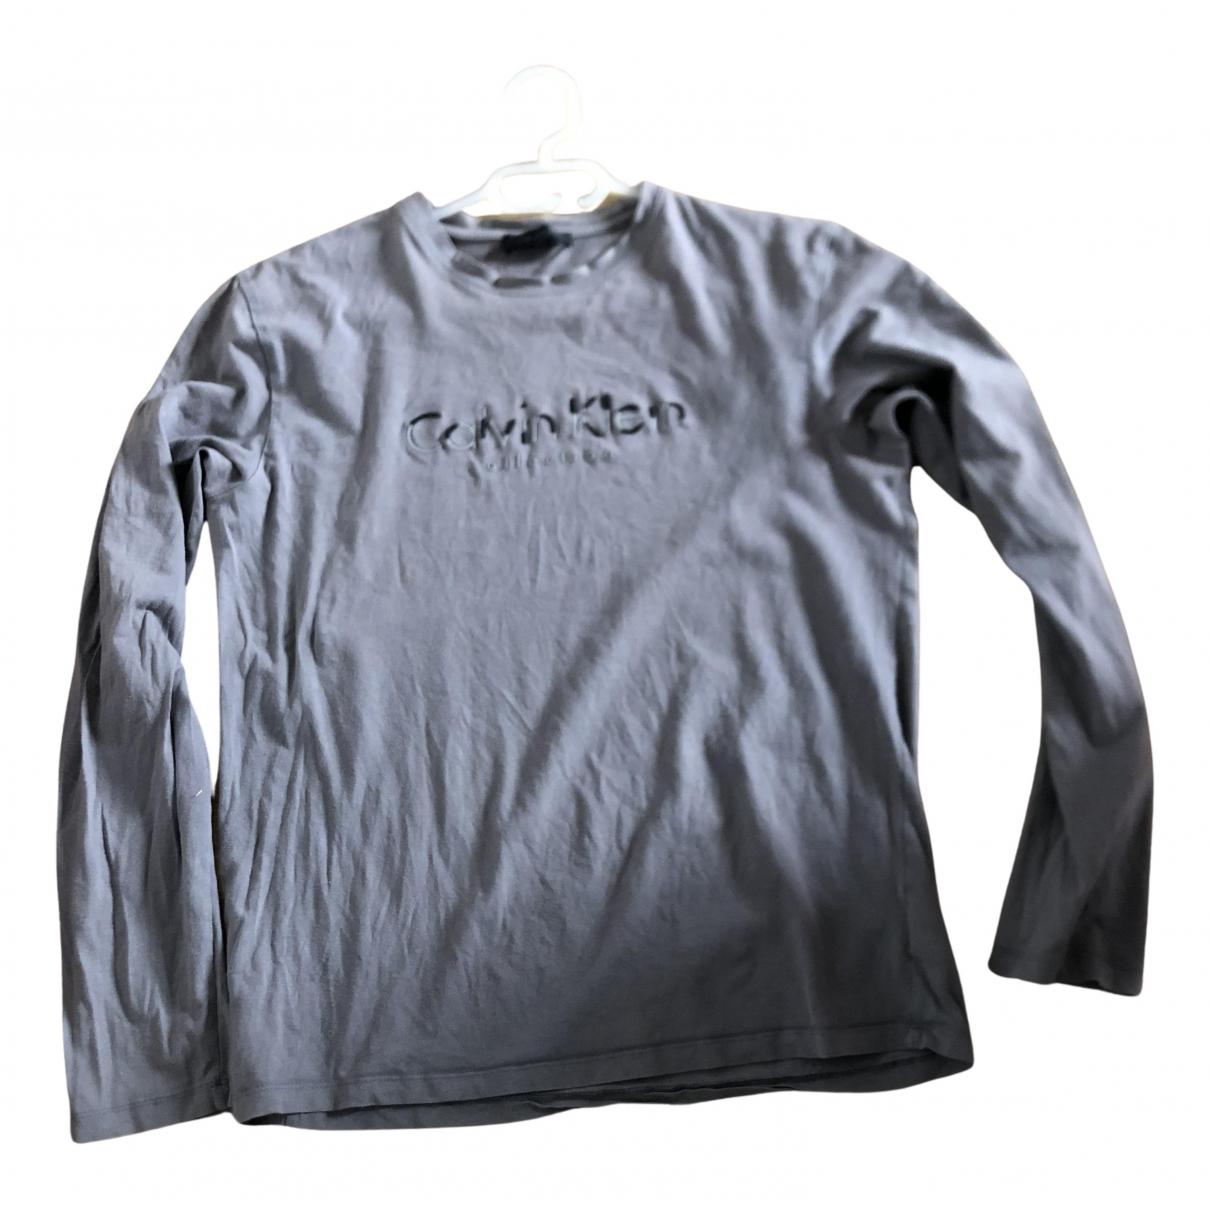 Calvin Klein - Tee shirts   pour homme en coton - gris